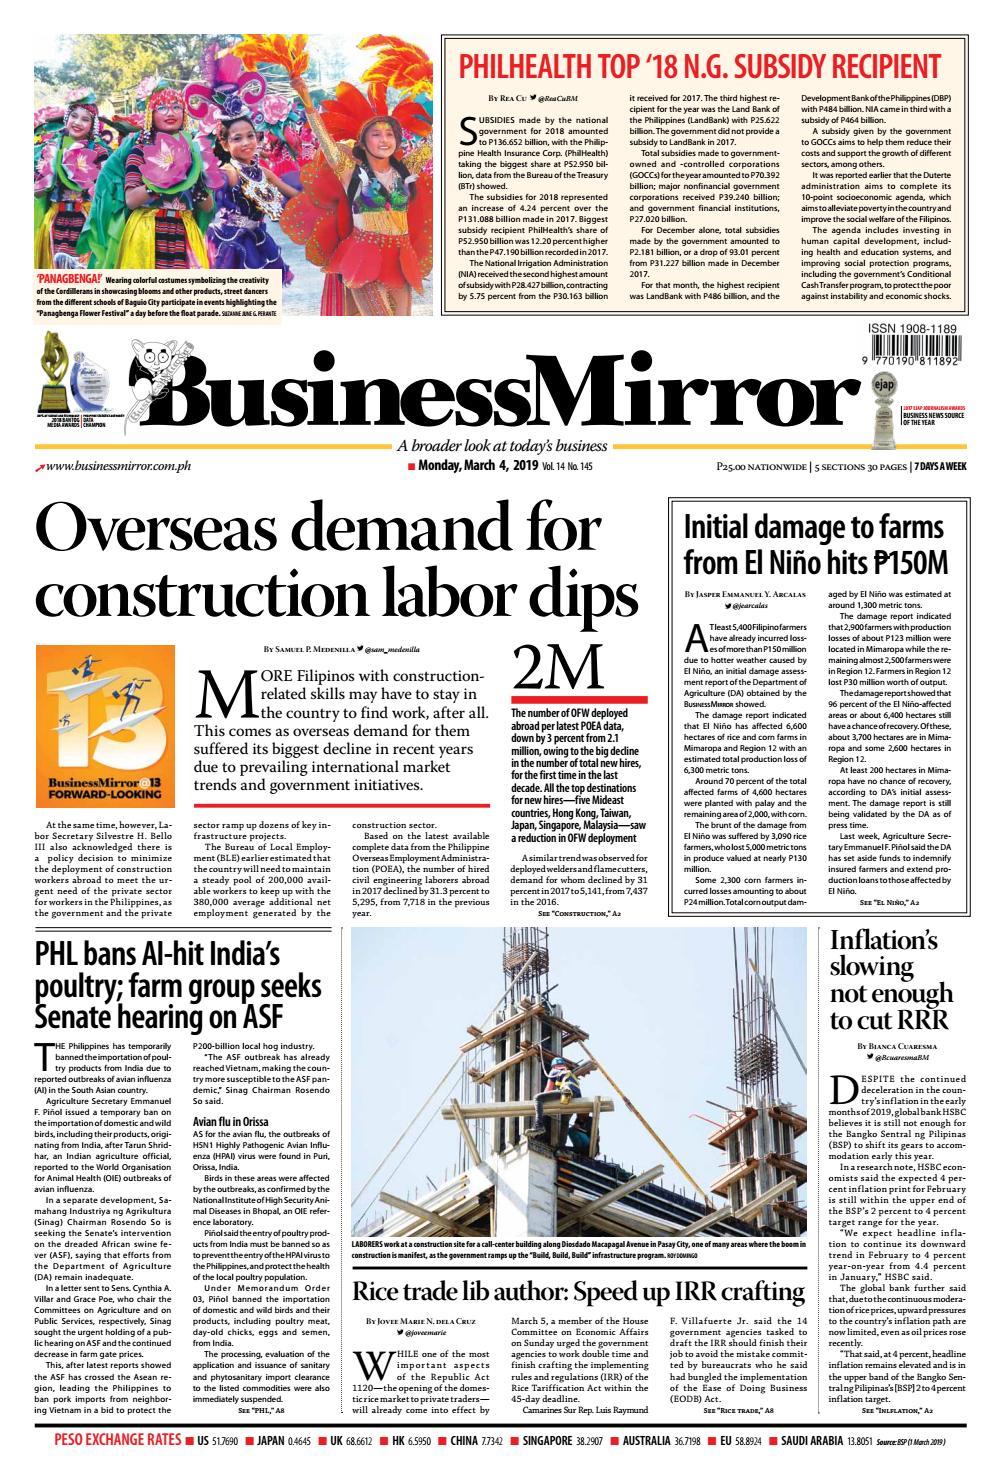 BusinessMirror March 04, 2019 by BusinessMirror - issuu